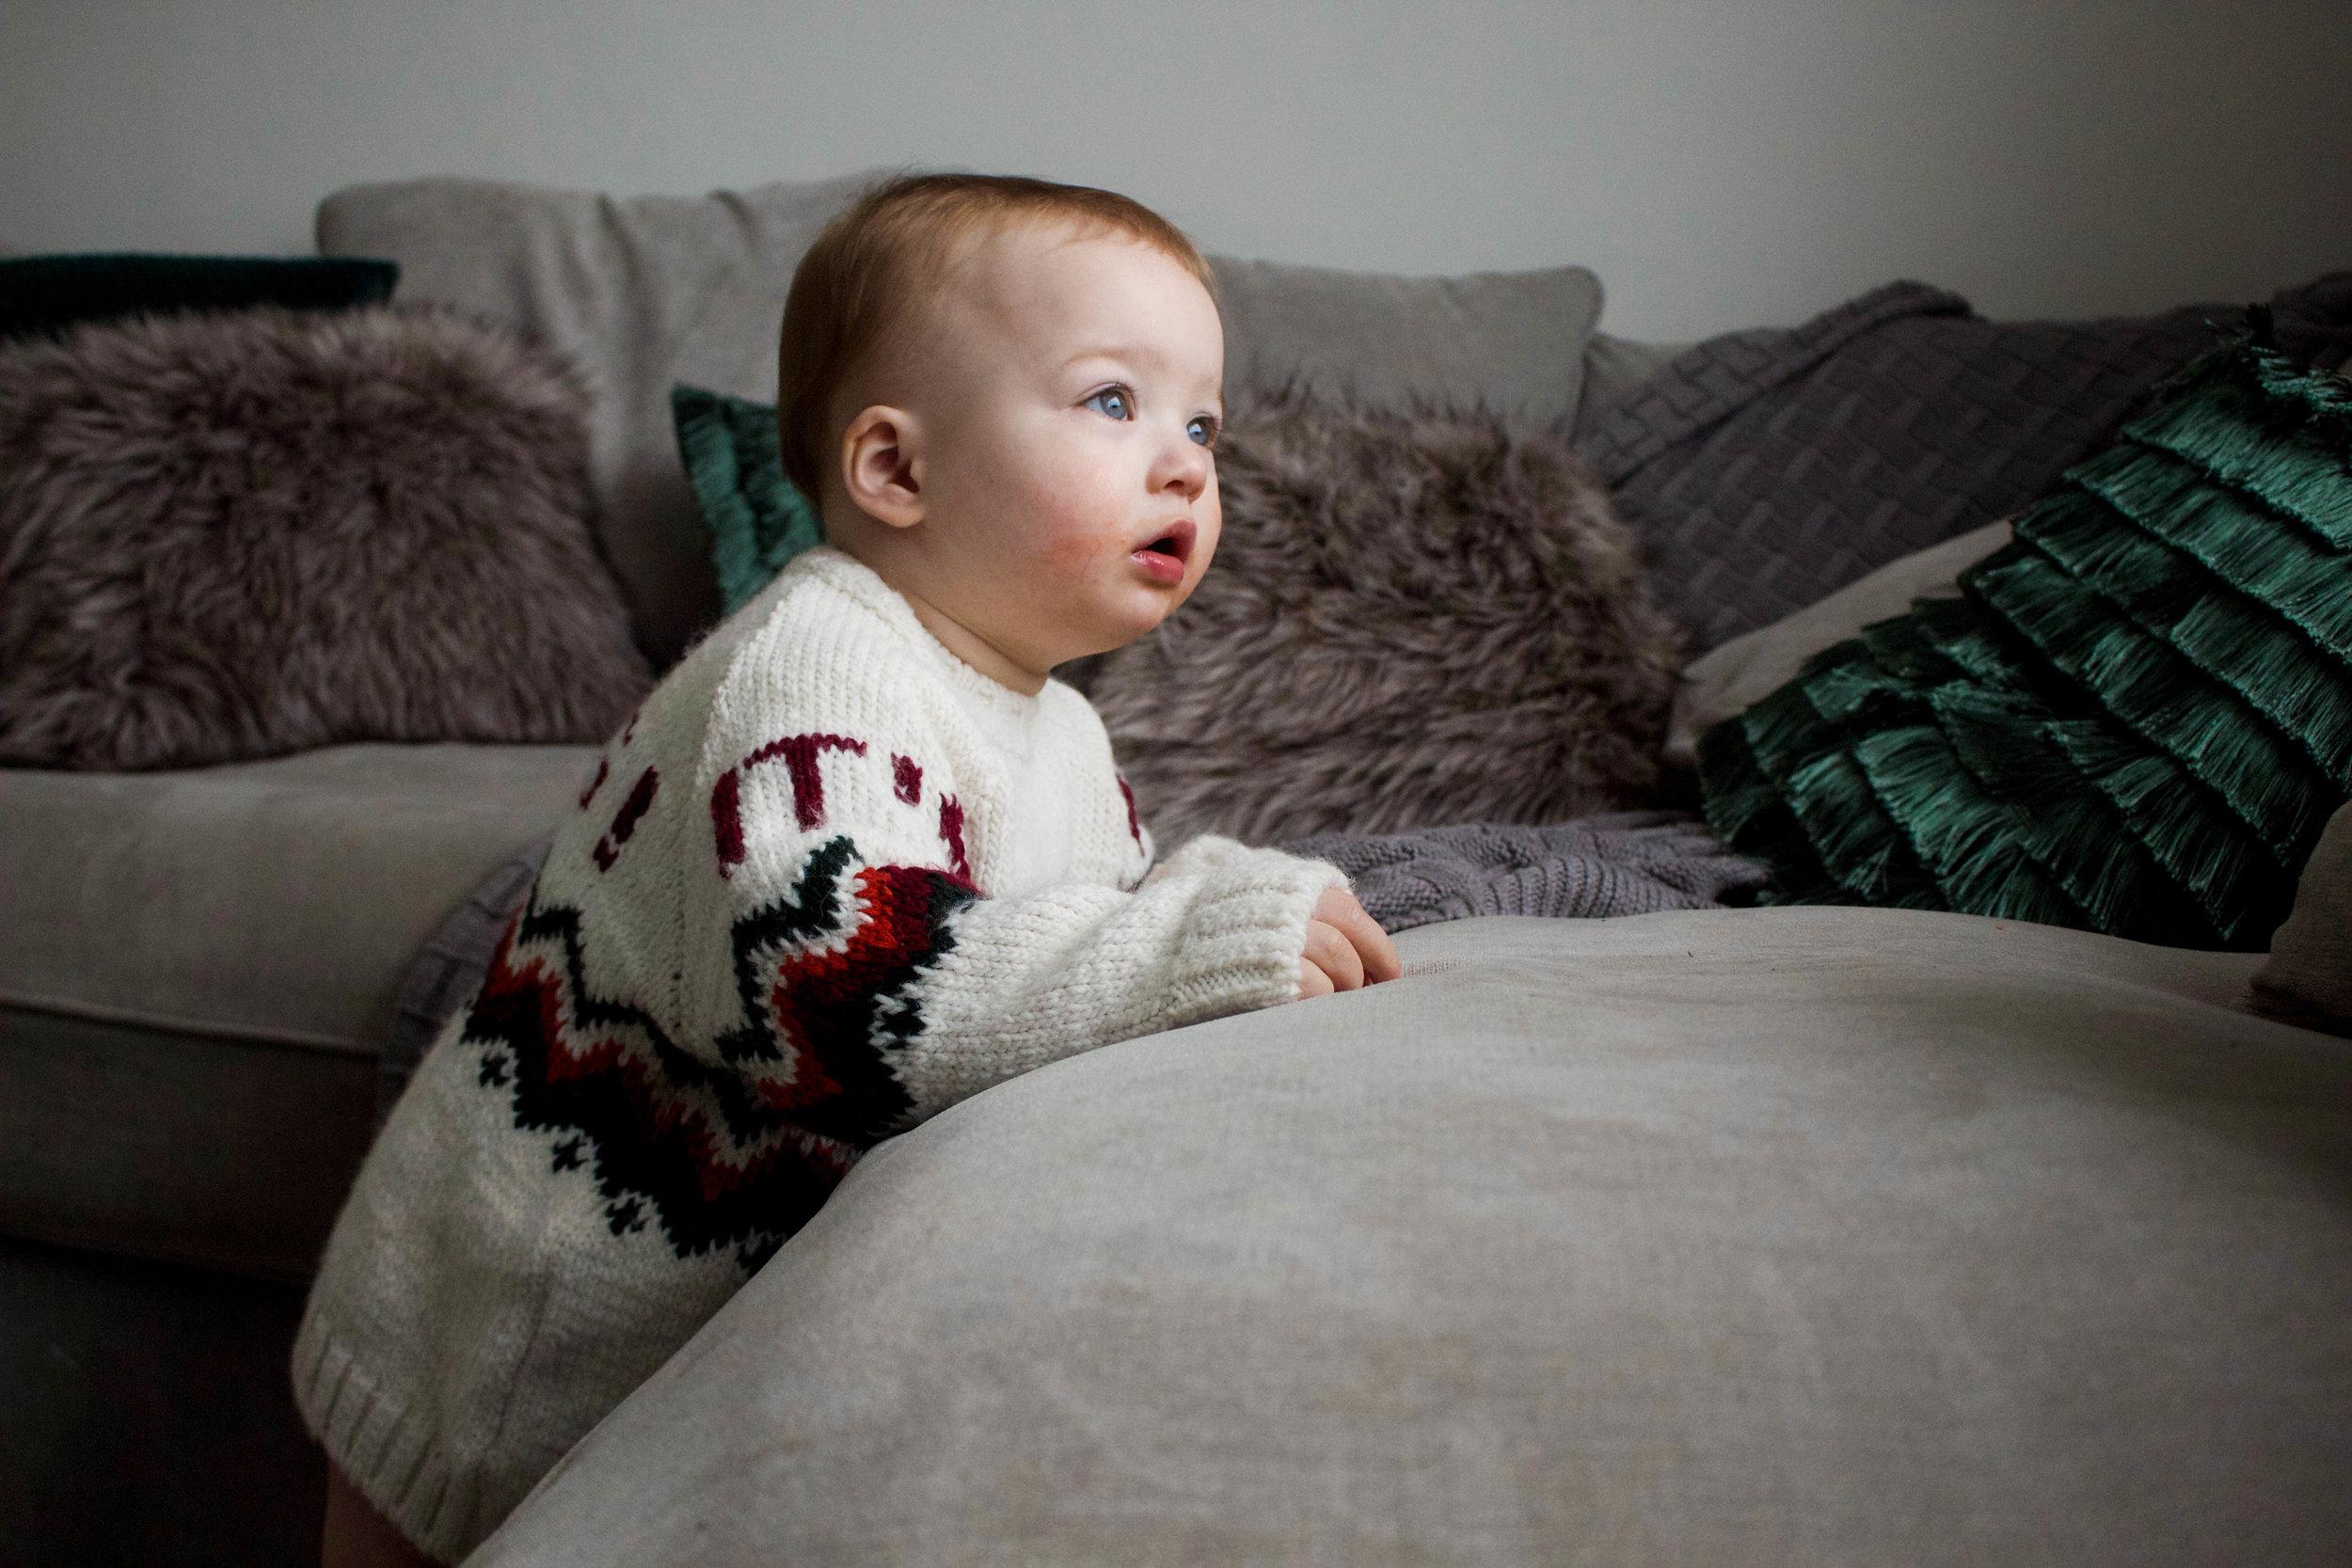 mum guilt nursery debate return to work